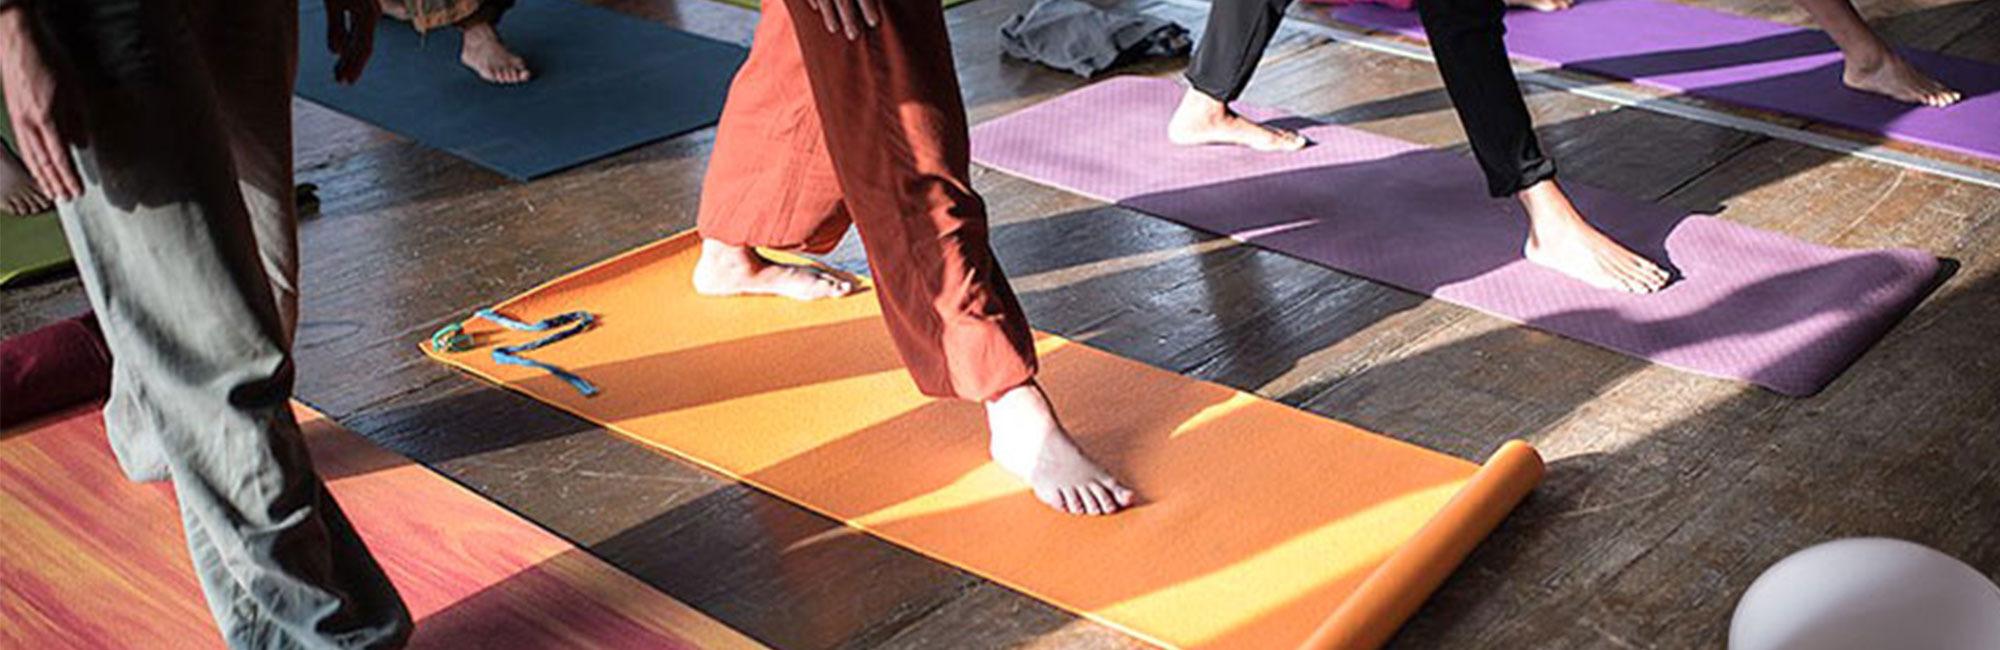 Inclusion d'un bol de cristal dans un cours de yoga. Conseils sur l'utilisation du bol pendant le cours et les différents usages - Cristal Vibrasons